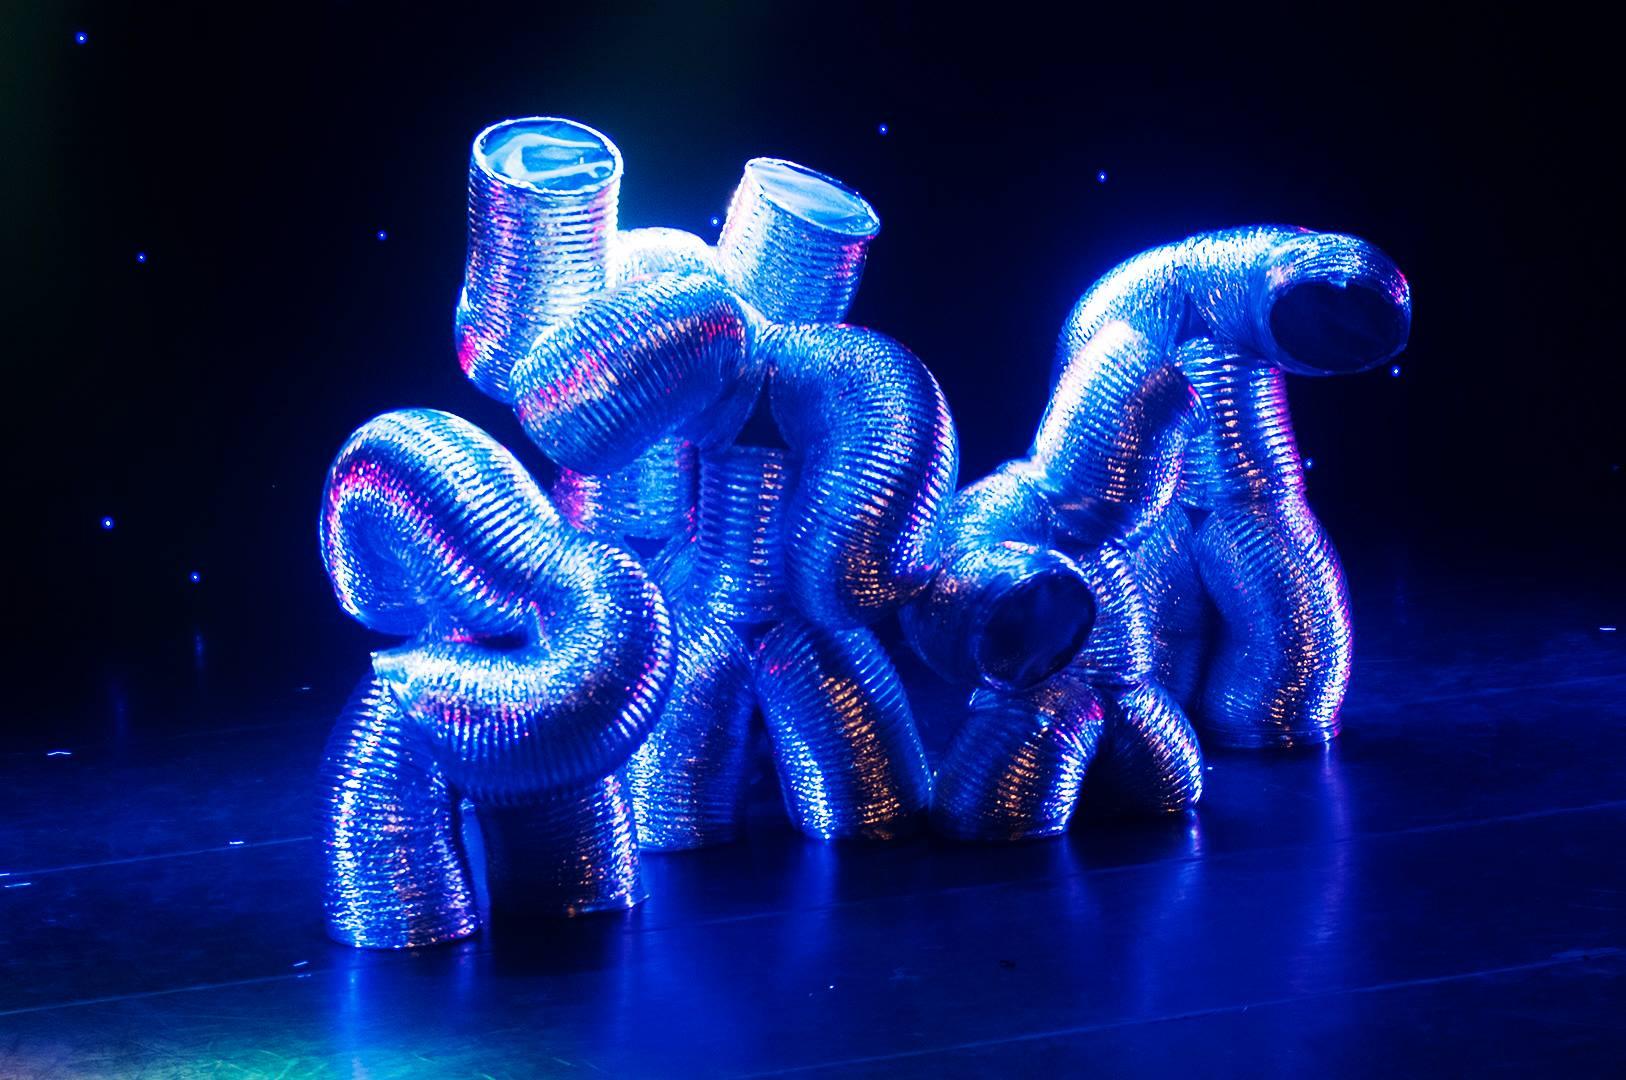 aluminum worms